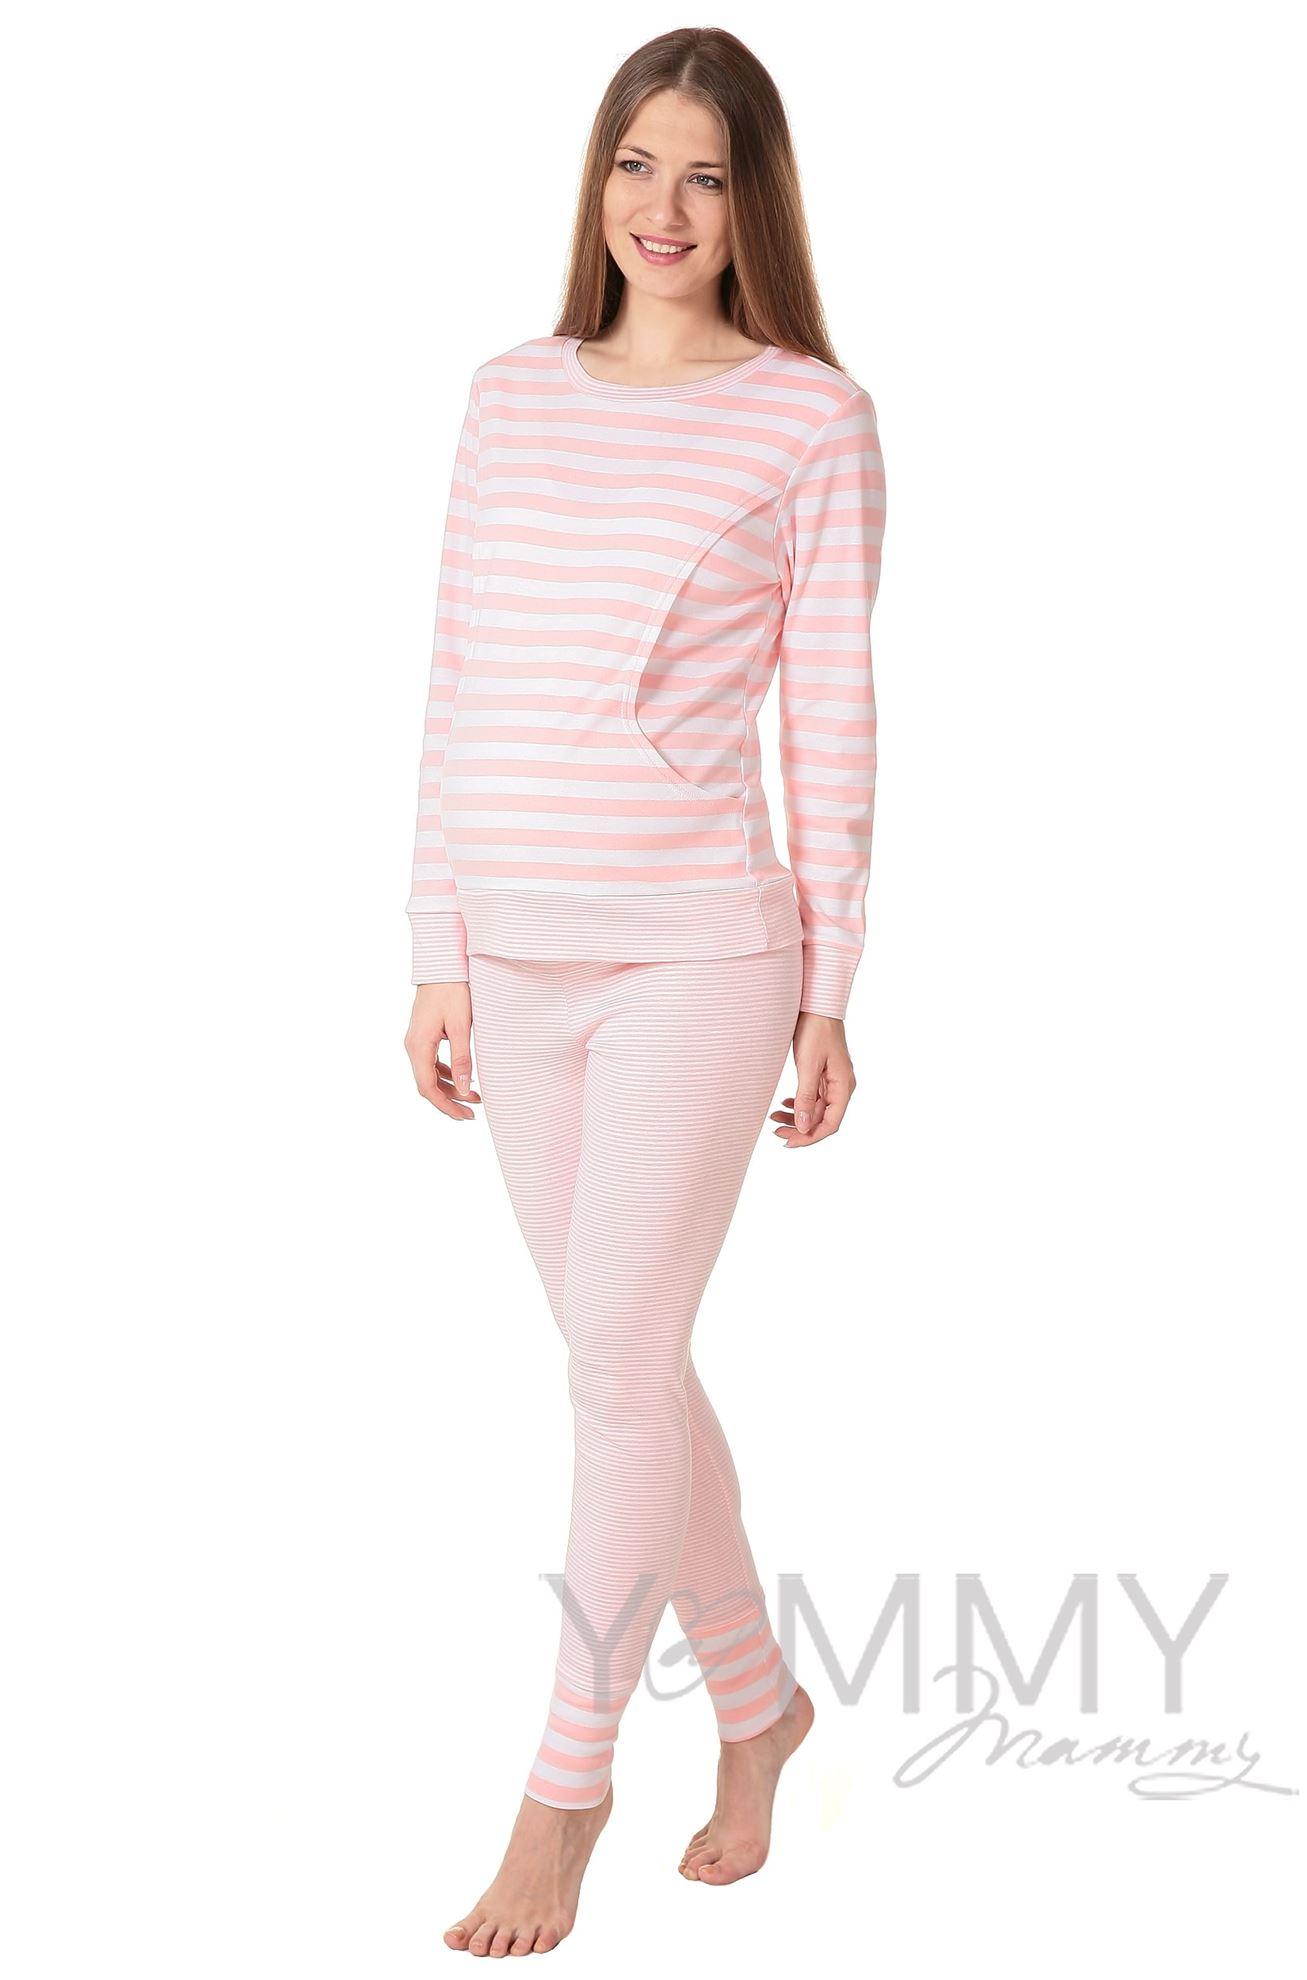 Изображение                               Комплект для дома розовая/белая полоска